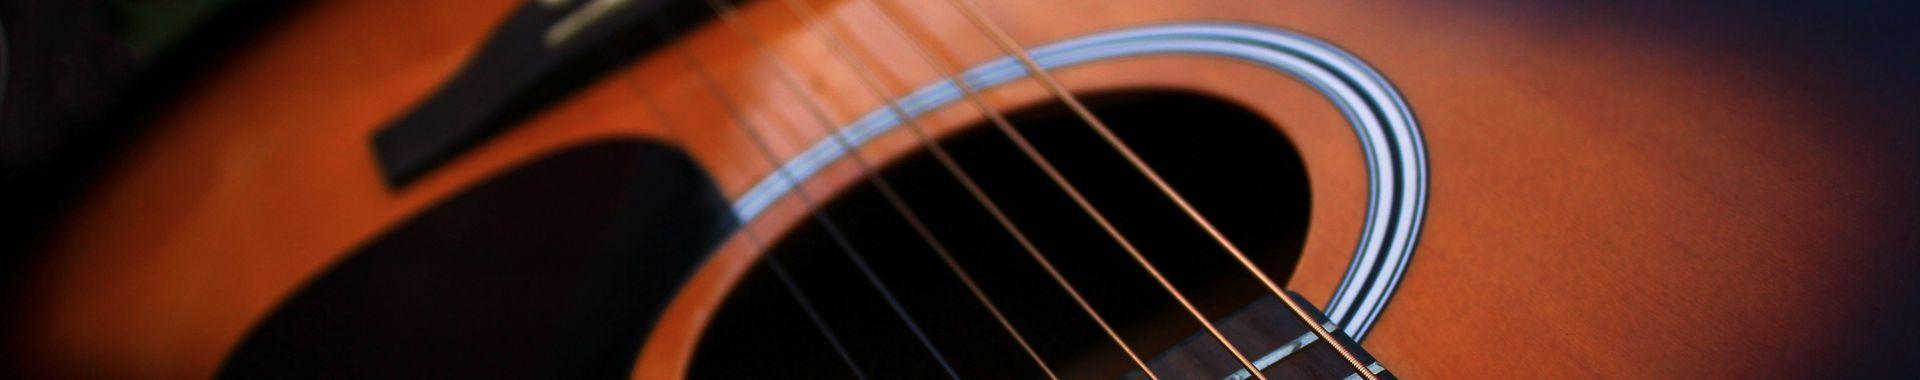 акустика музыкальные инструменты